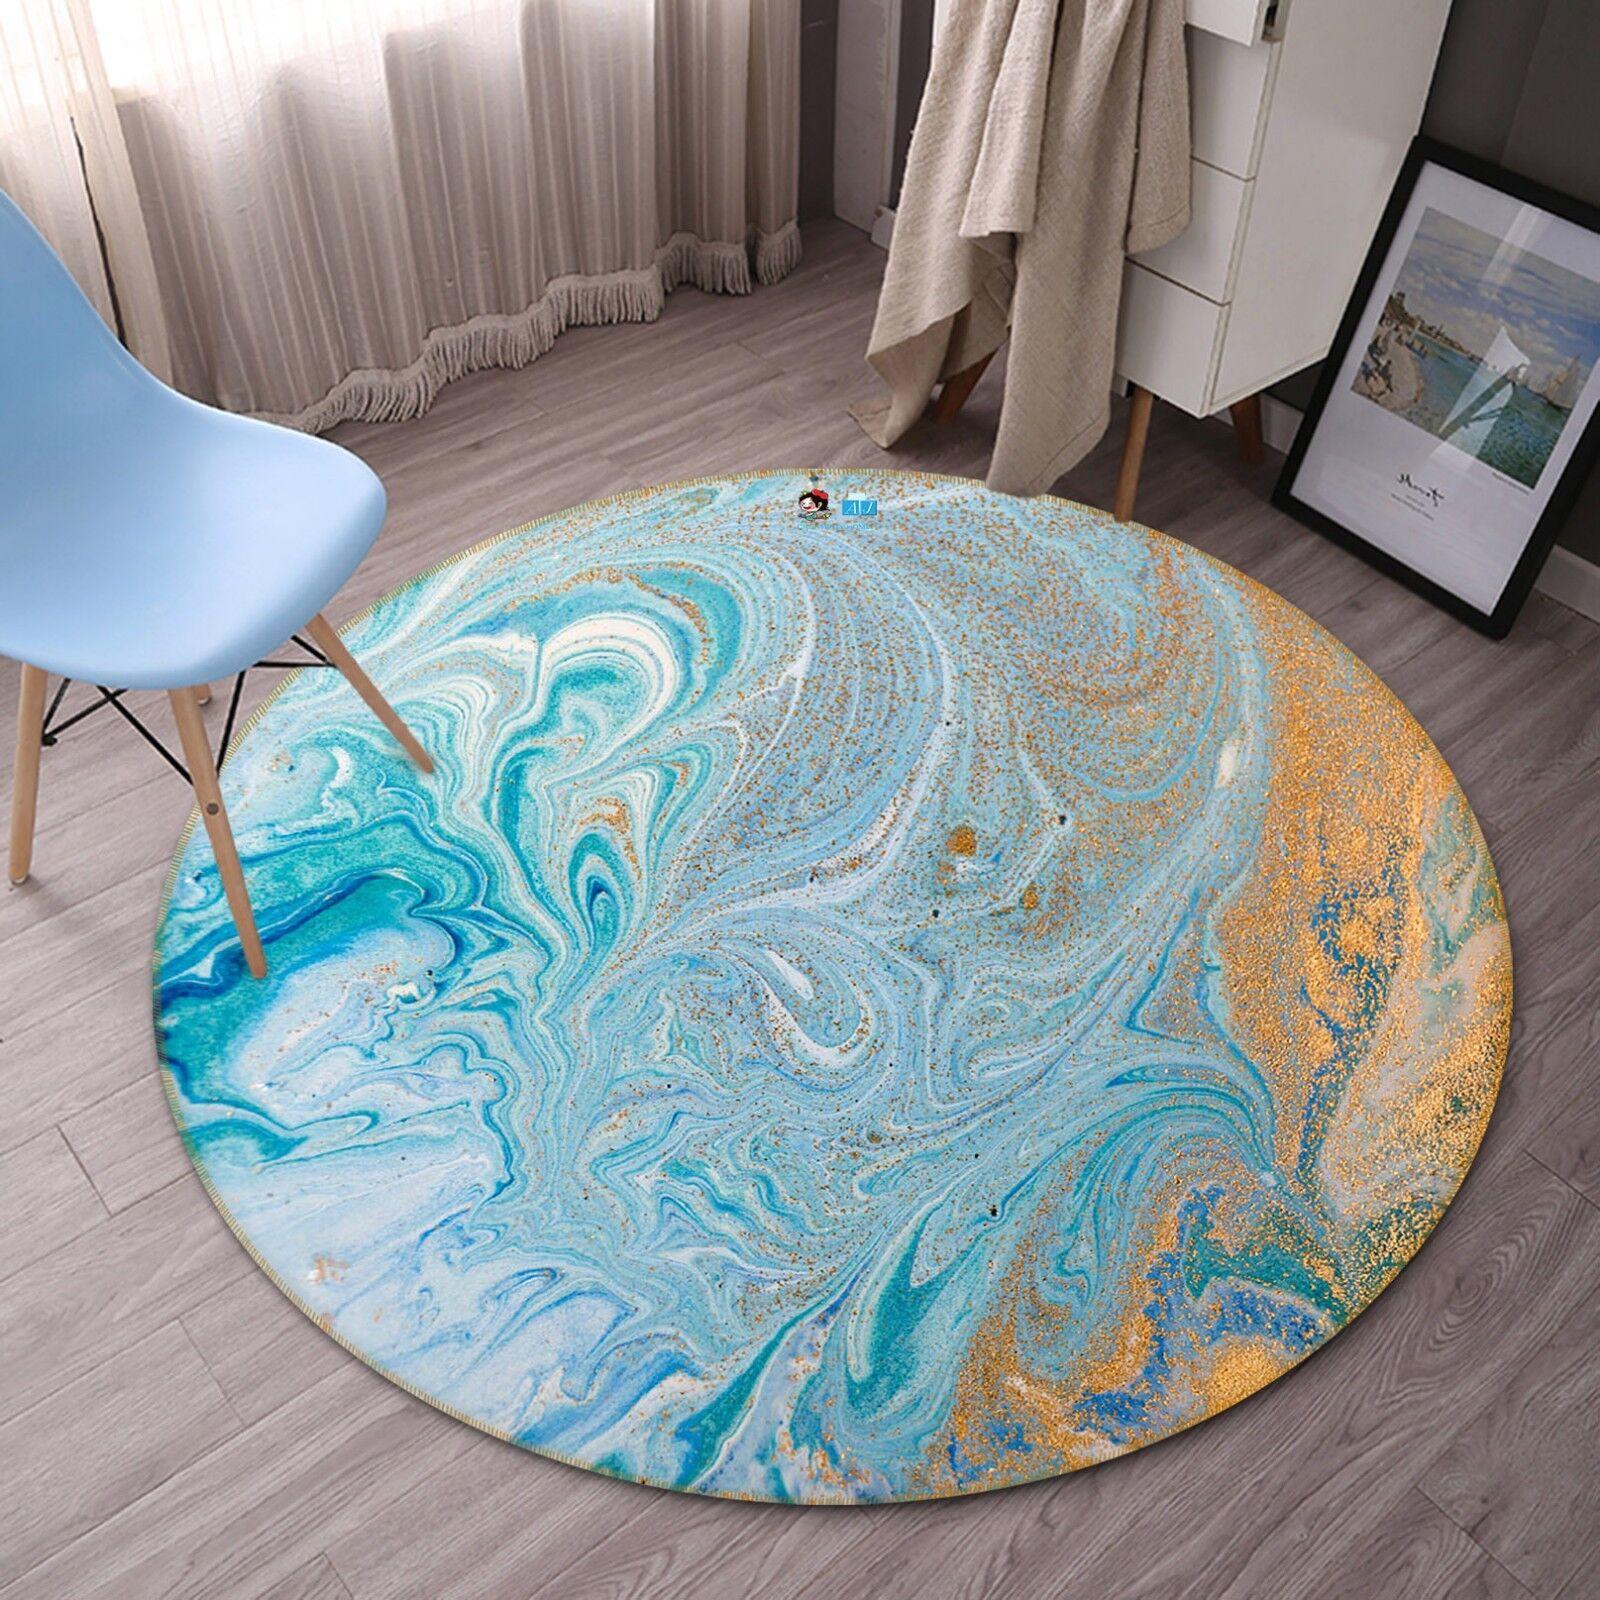 3d pittura texture 8 antiscivolo tappeto bagagliaio giri elegante TAPPETO de